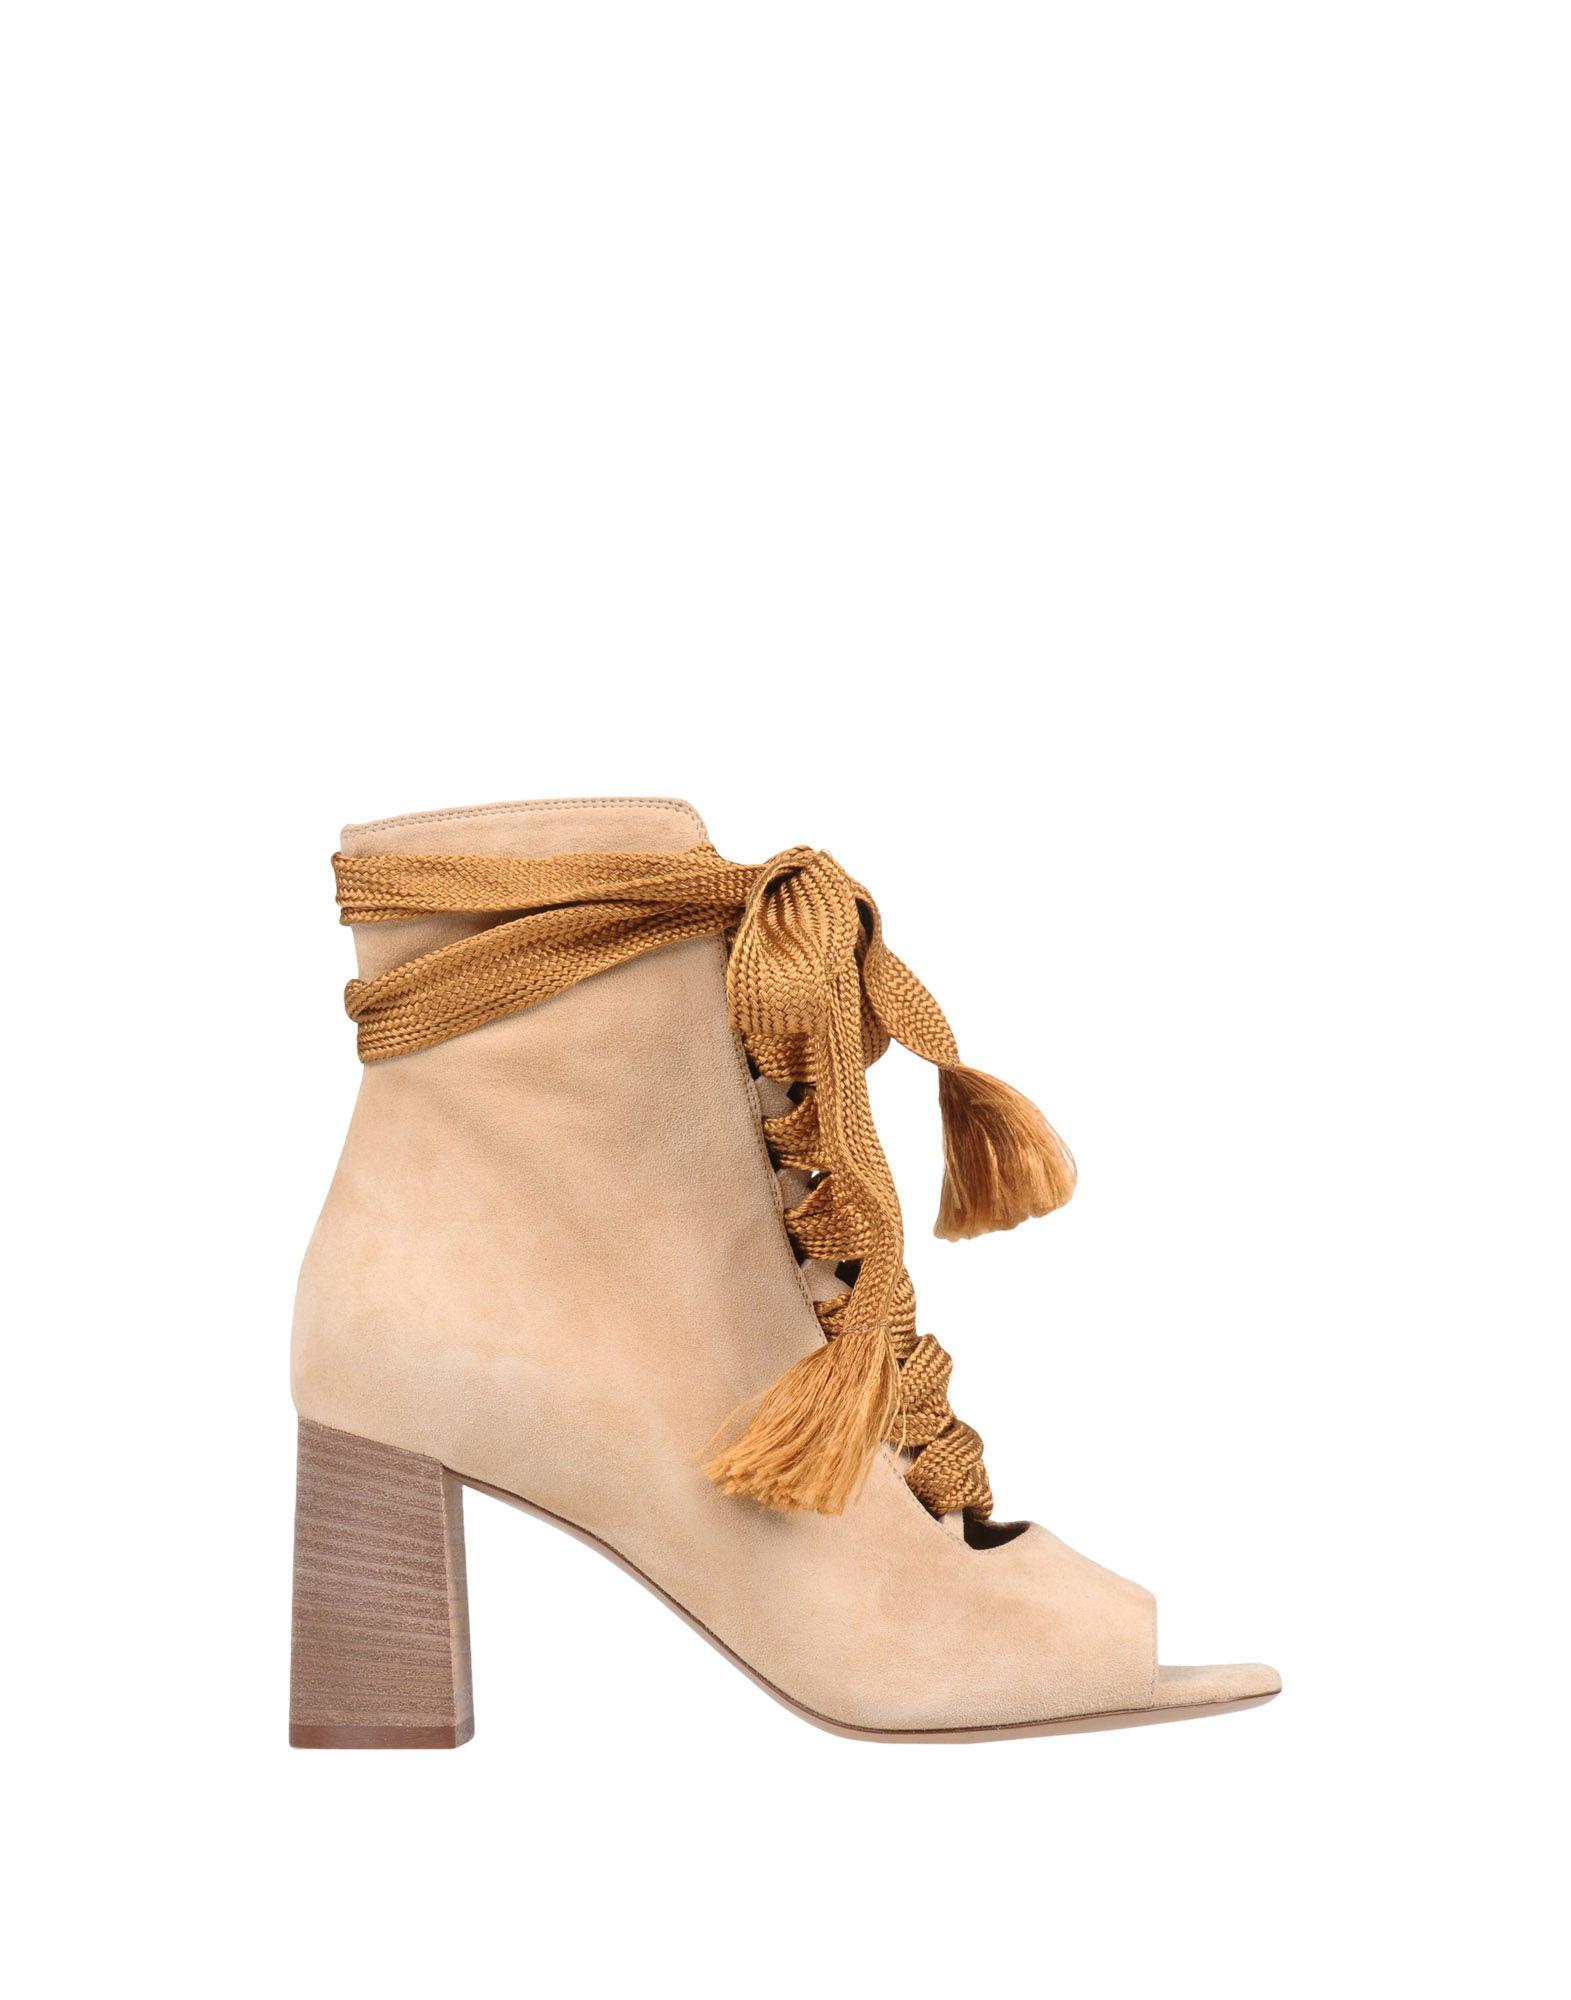 Haltbare Mode billige Schuhe Chloé Stiefelette Damen  11368307LH Heiße Schuhe